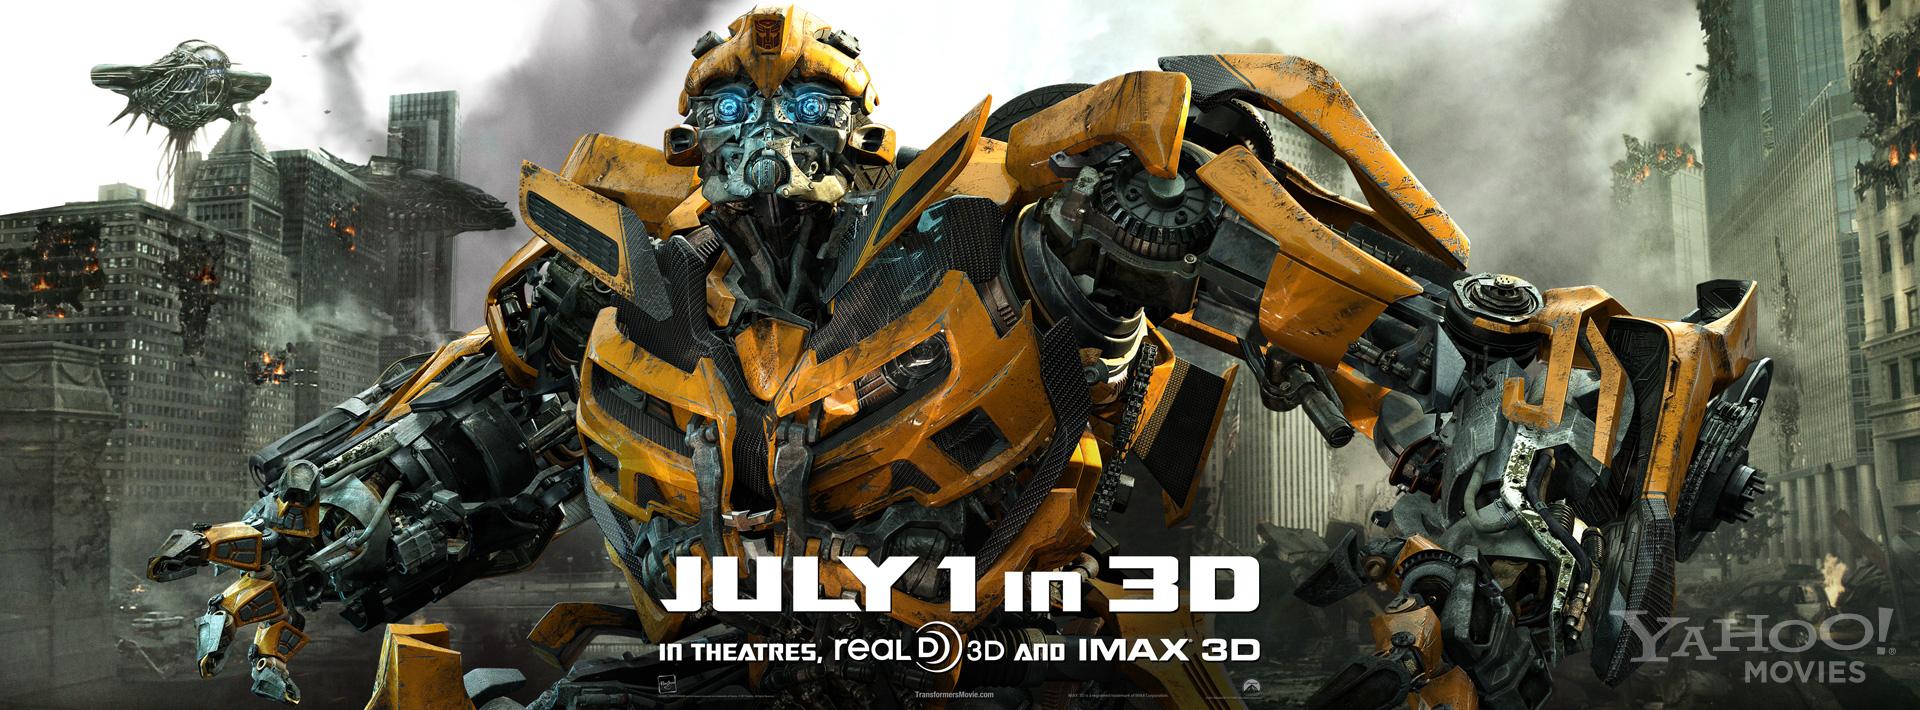 Bumblebee patear  225  traseros en Transformers 3 Que Transformers 3